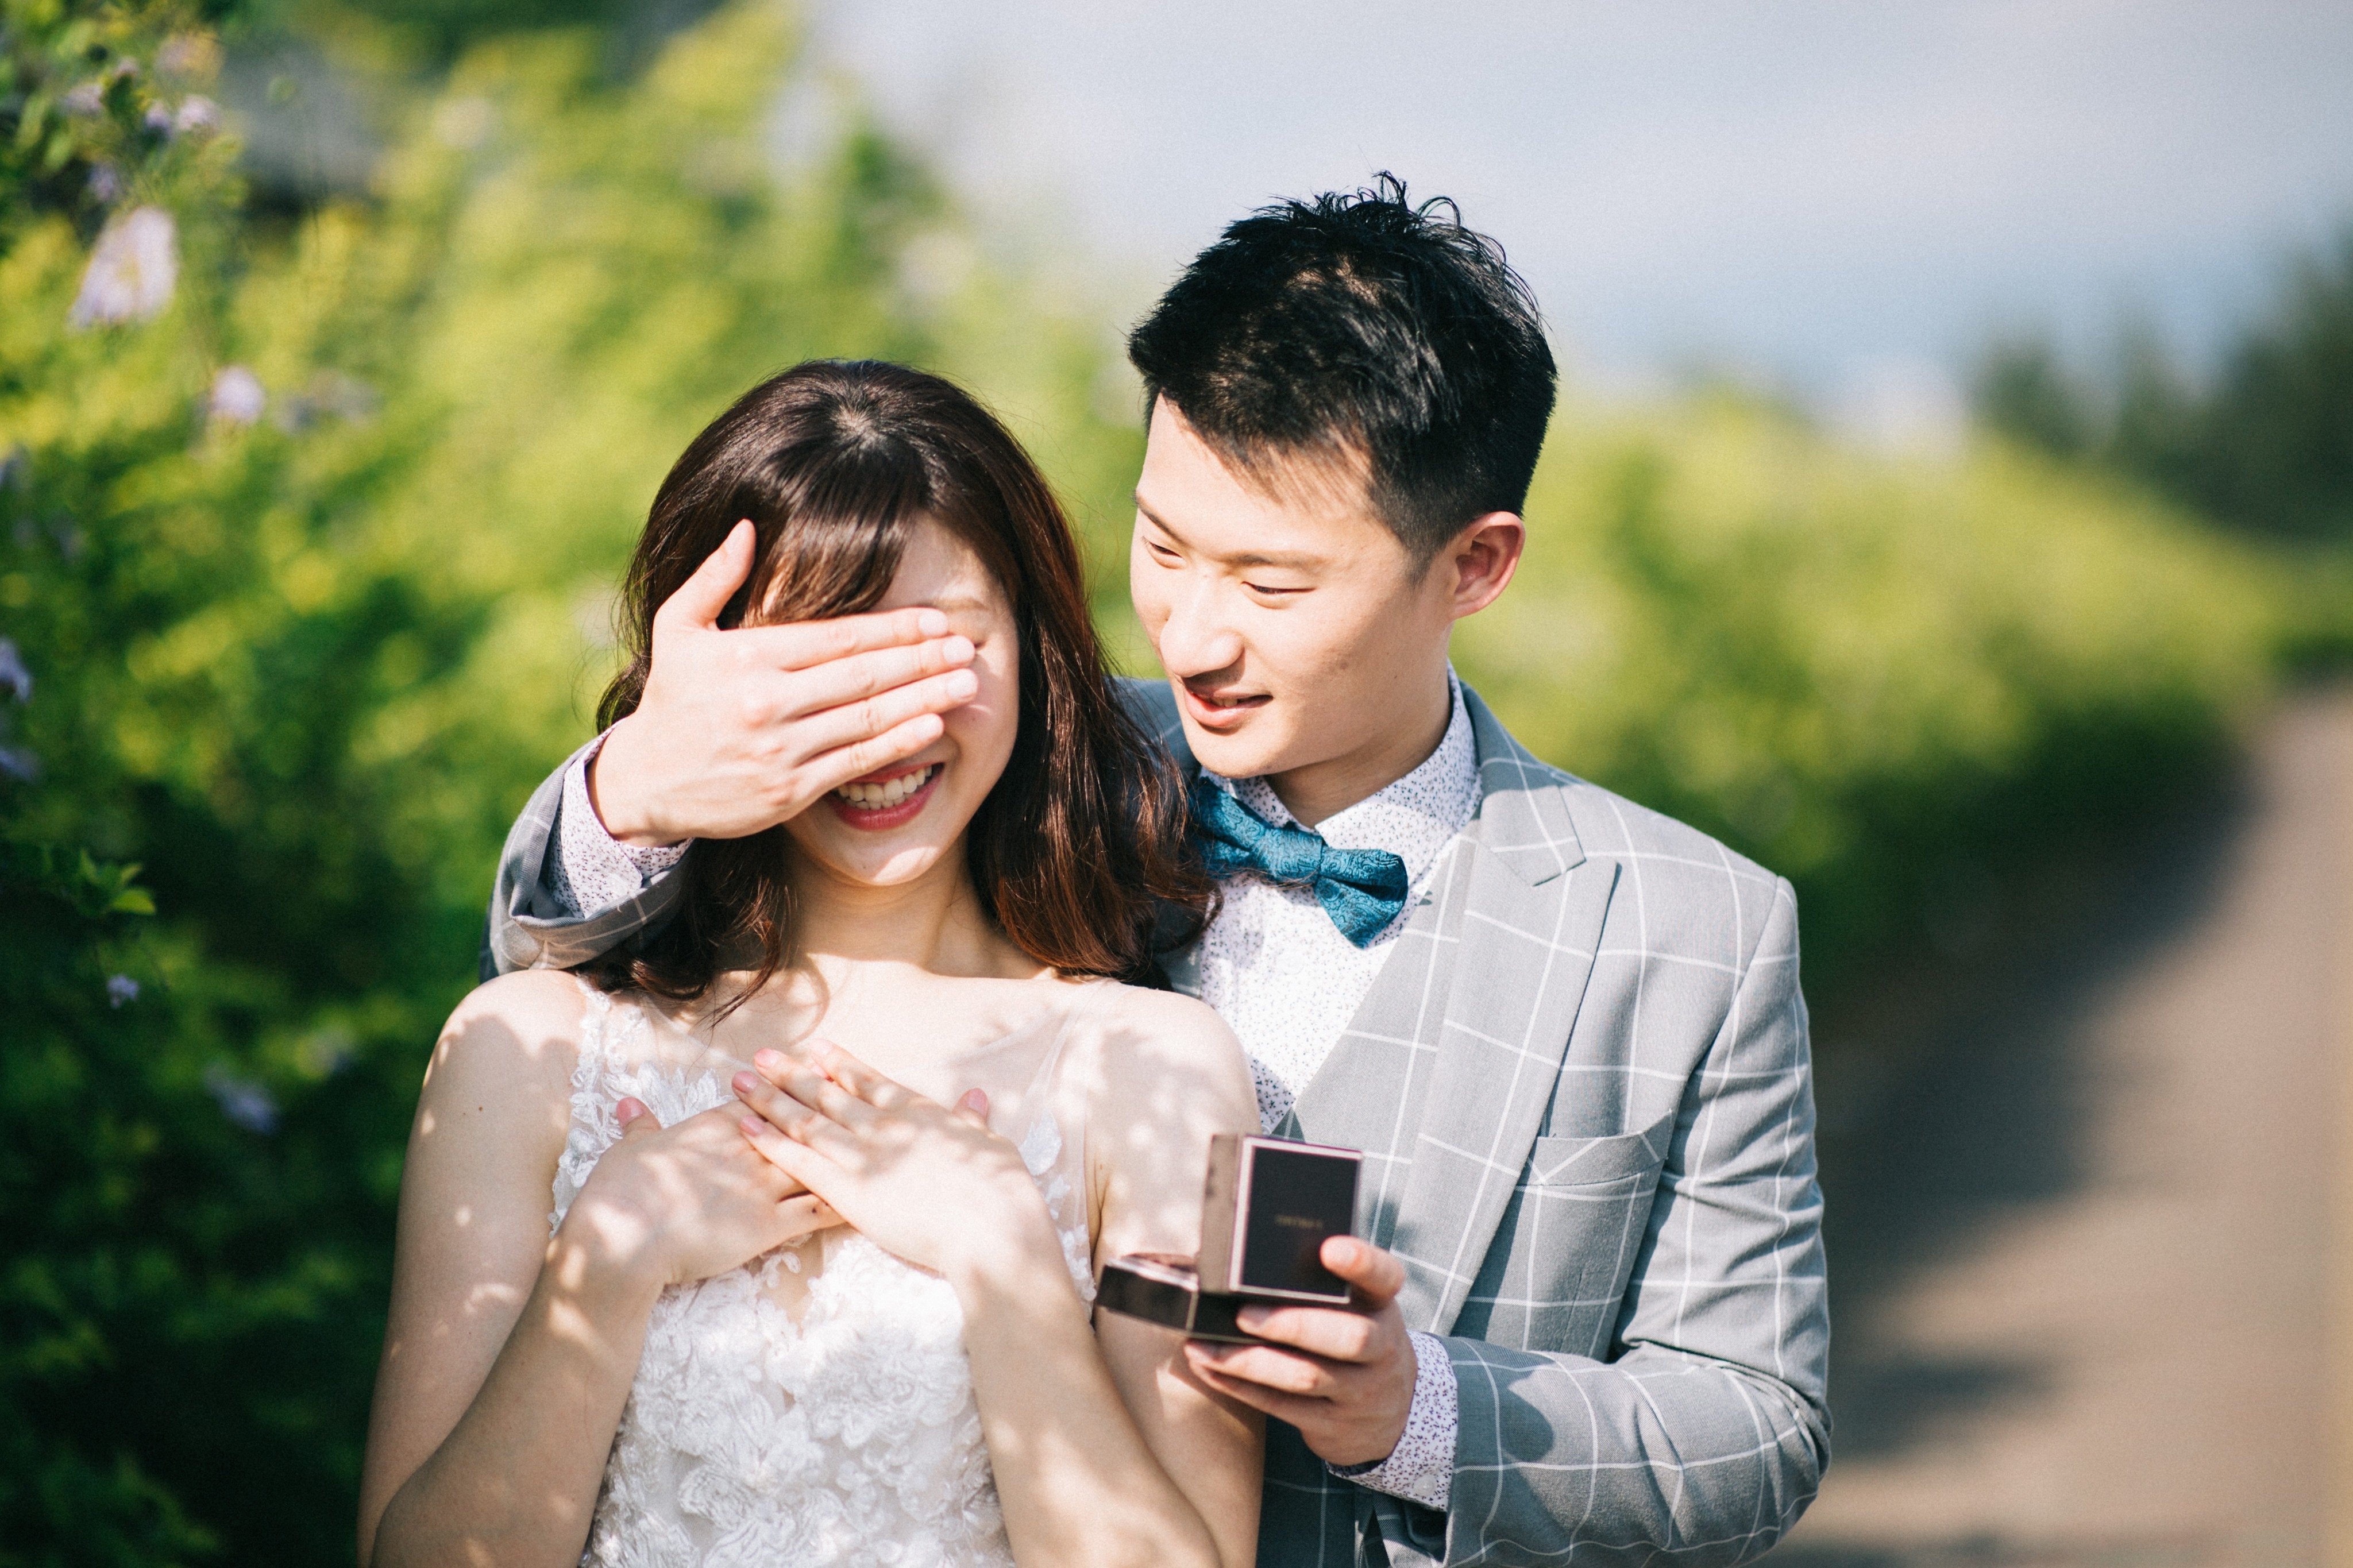 推薦婚紗攝影:自然捲攝影工作室